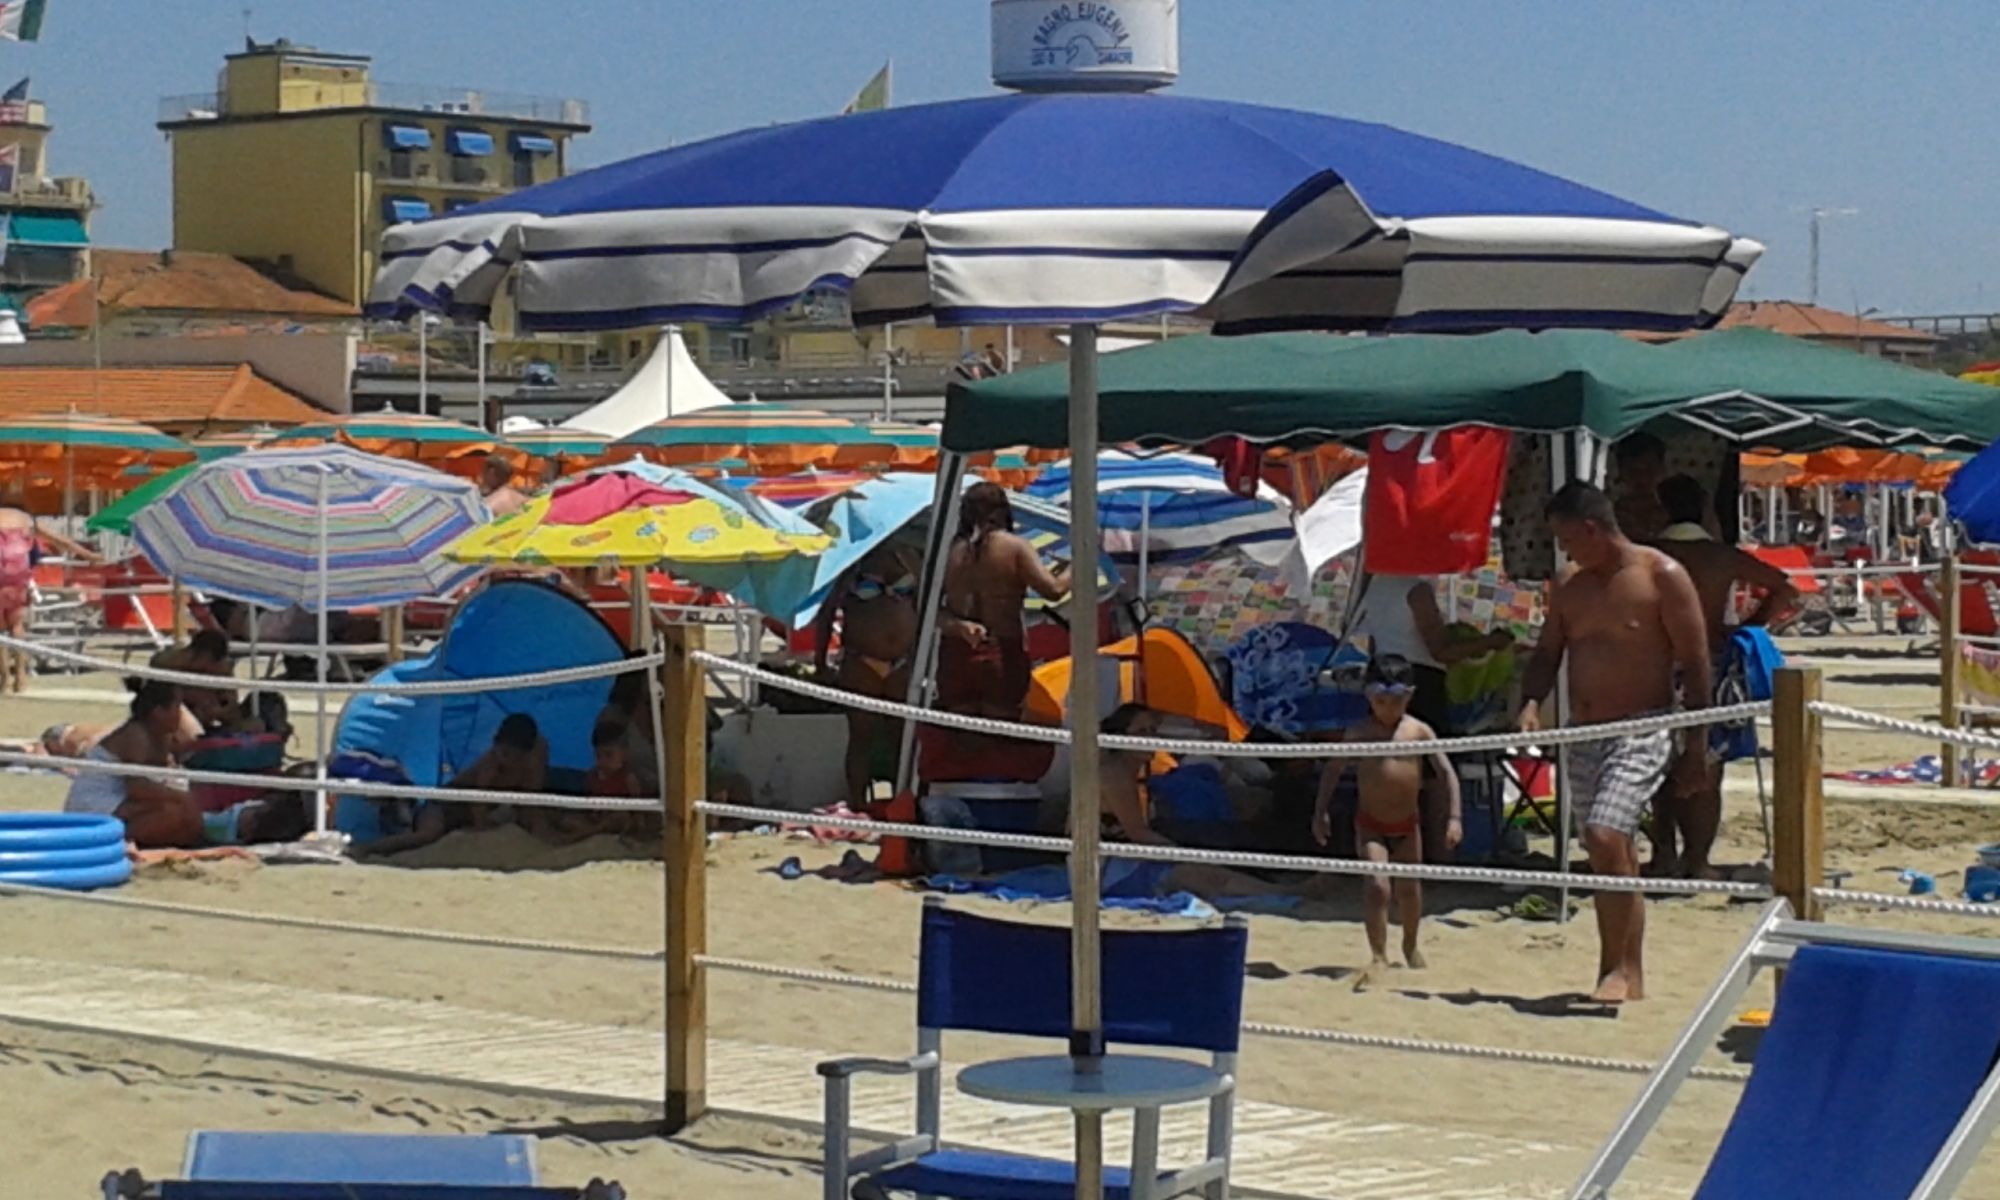 Accampamenti e musica a tutto volume proteste per la spiaggia libera a lido di camaiore - Bagno eugenia lido di camaiore ...